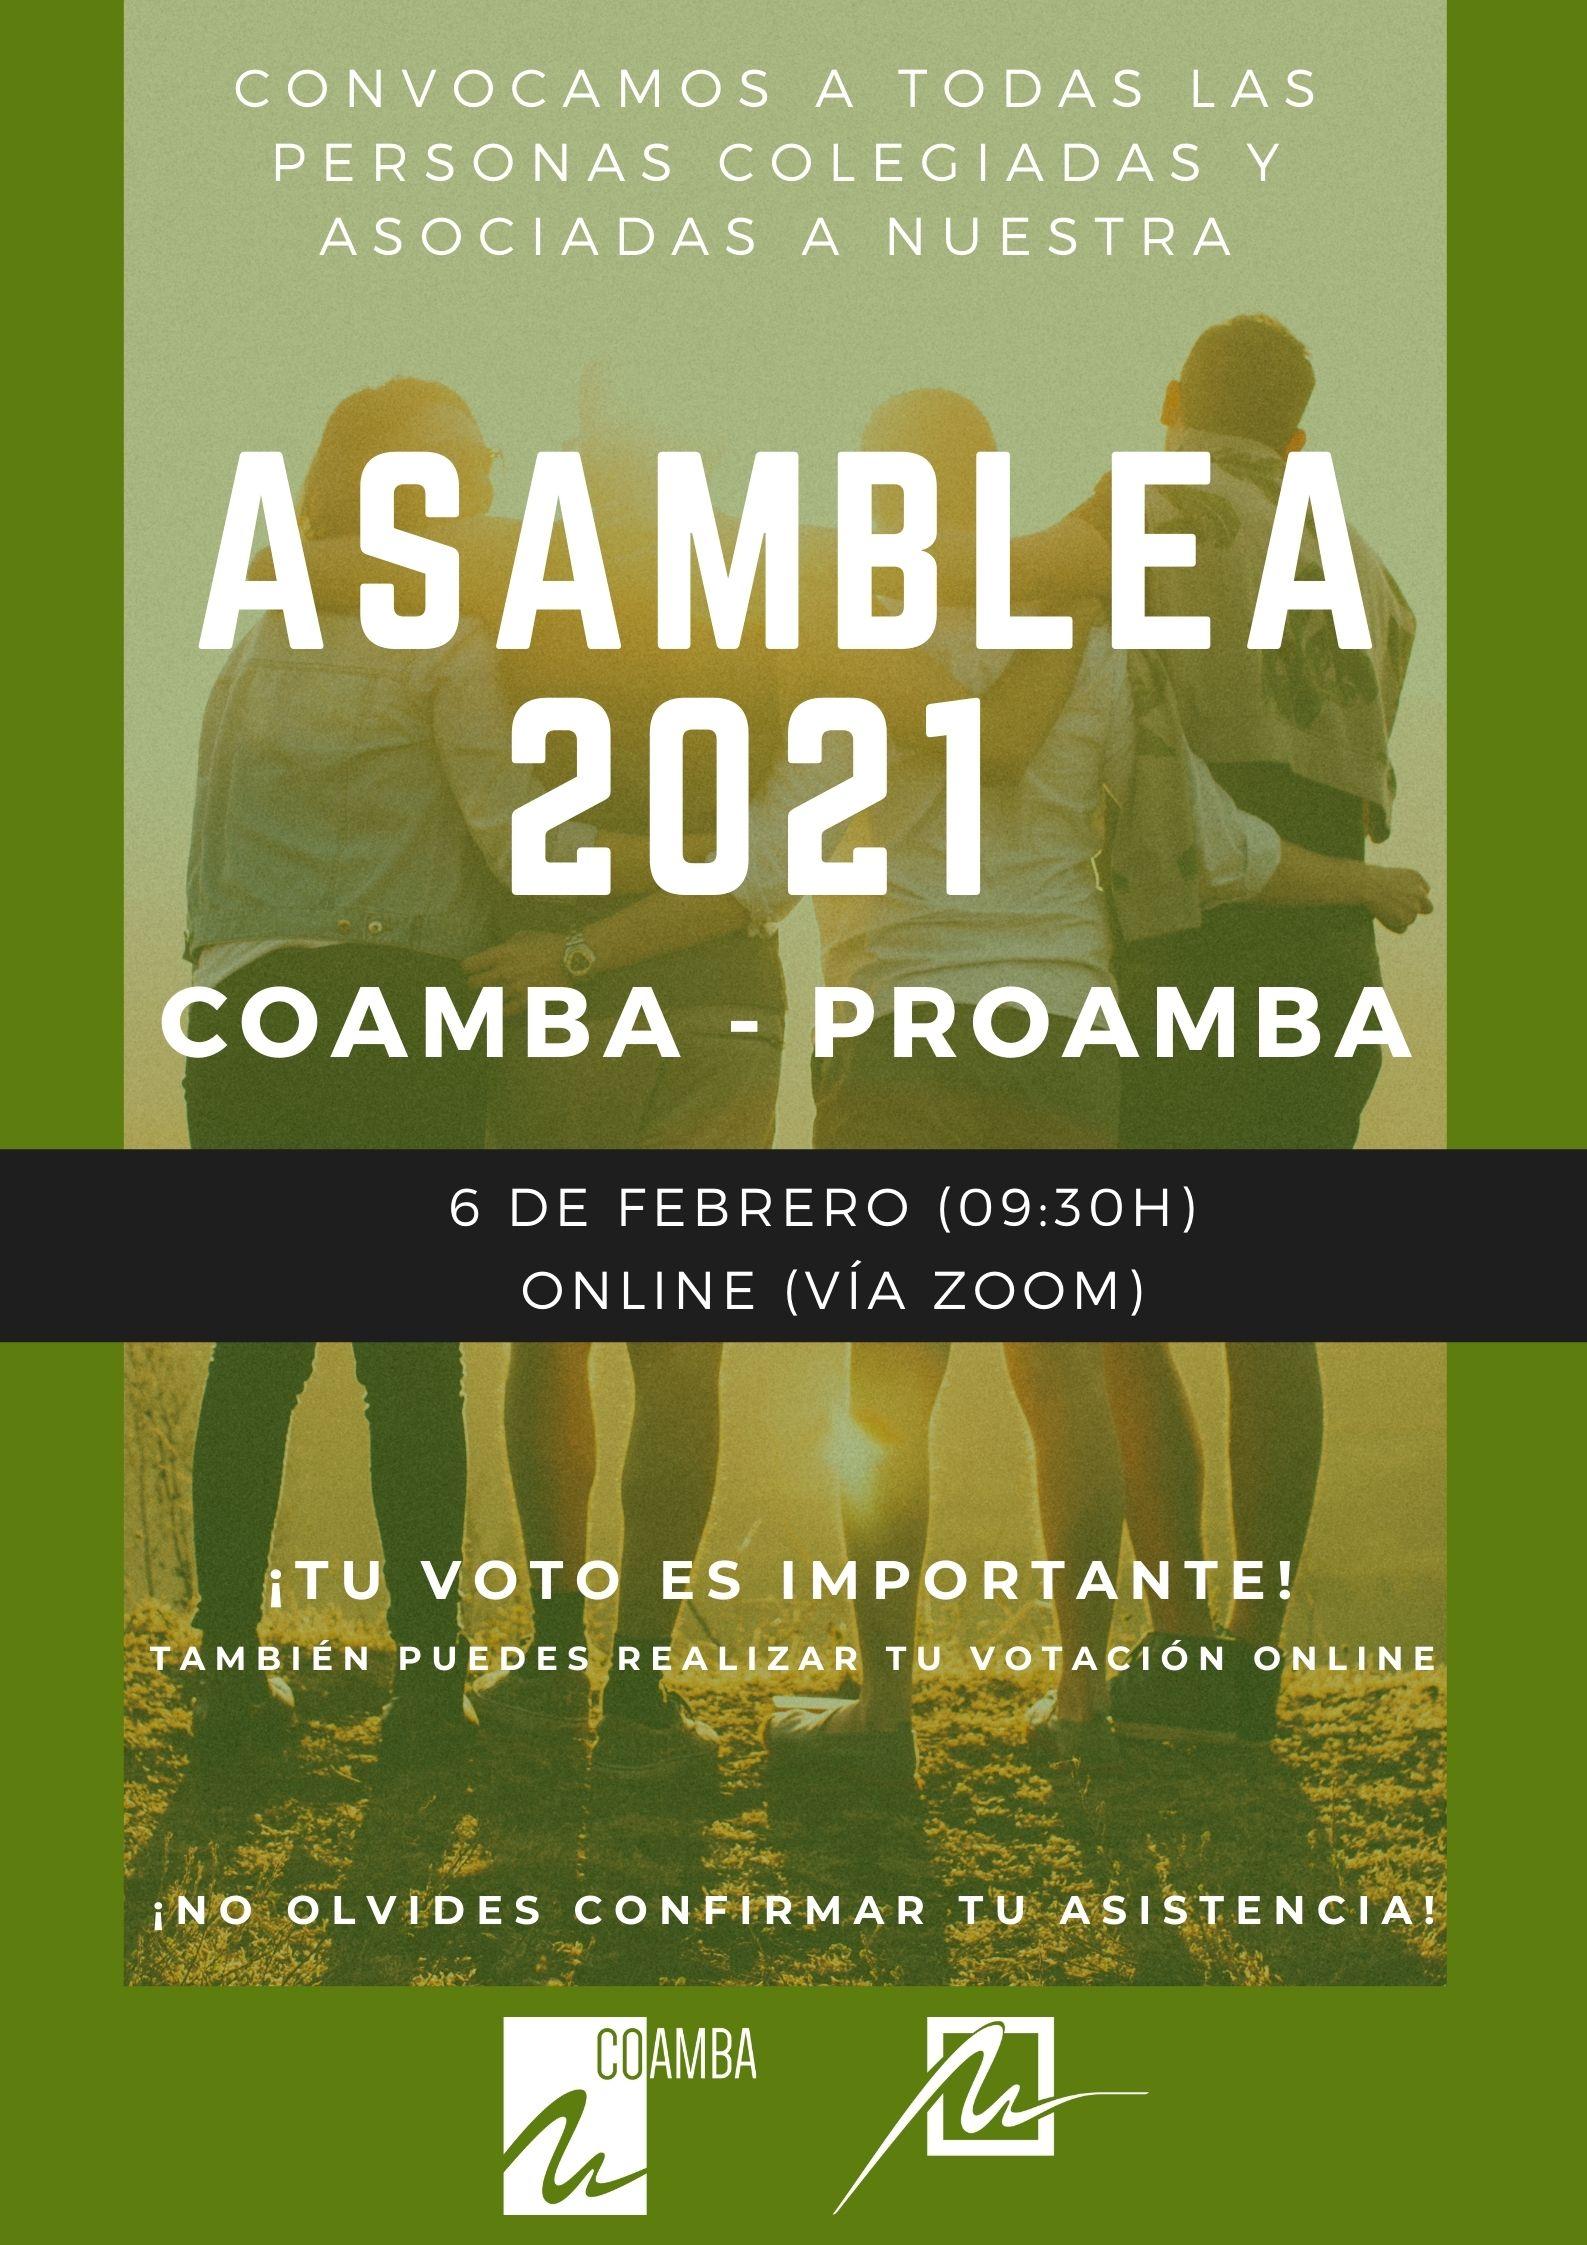 Asamblea General COAMBA - PROAMBA: 6 de febrero de 2021 (Acceso registrado)